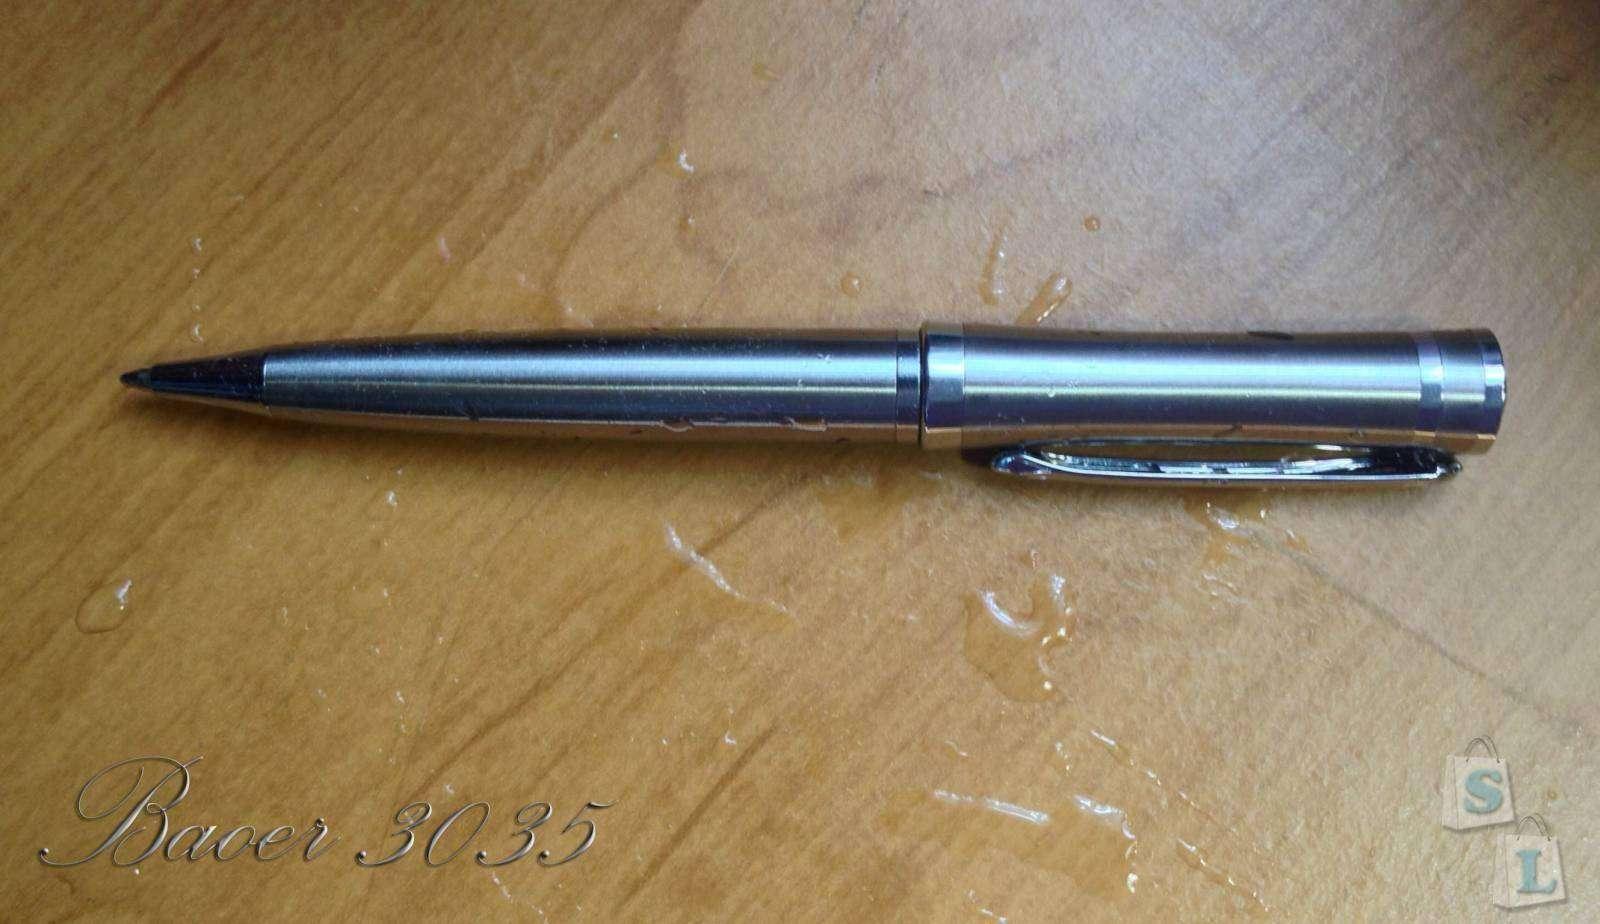 Banggood: Baoer 3035. Стальная шариковая ручка